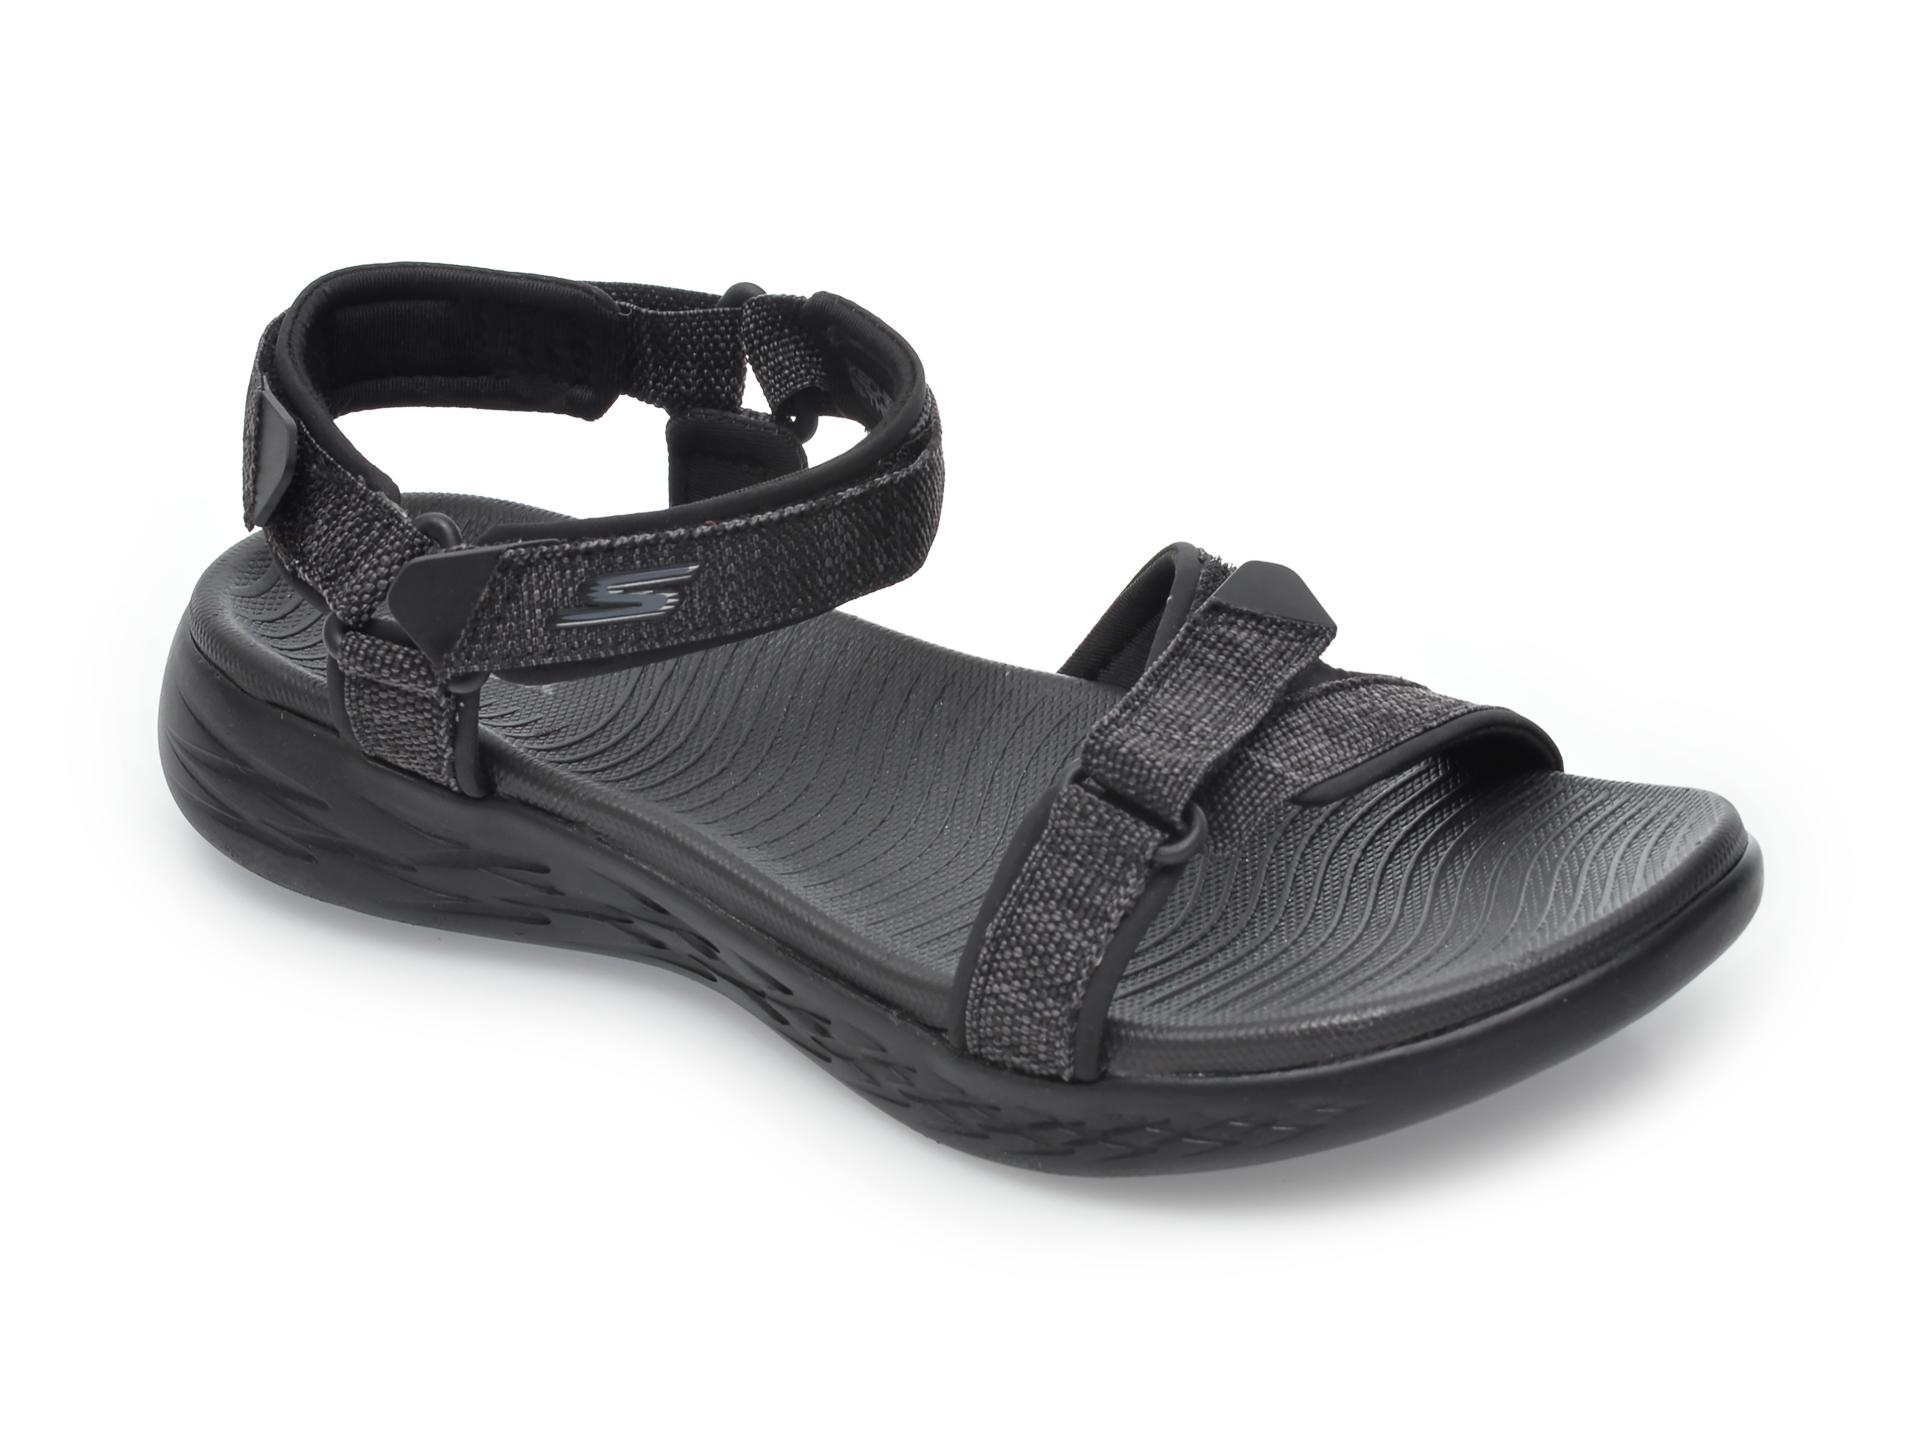 Sandale SKECHERS negre, On-The-Go, din material textil imagine otter.ro 2021